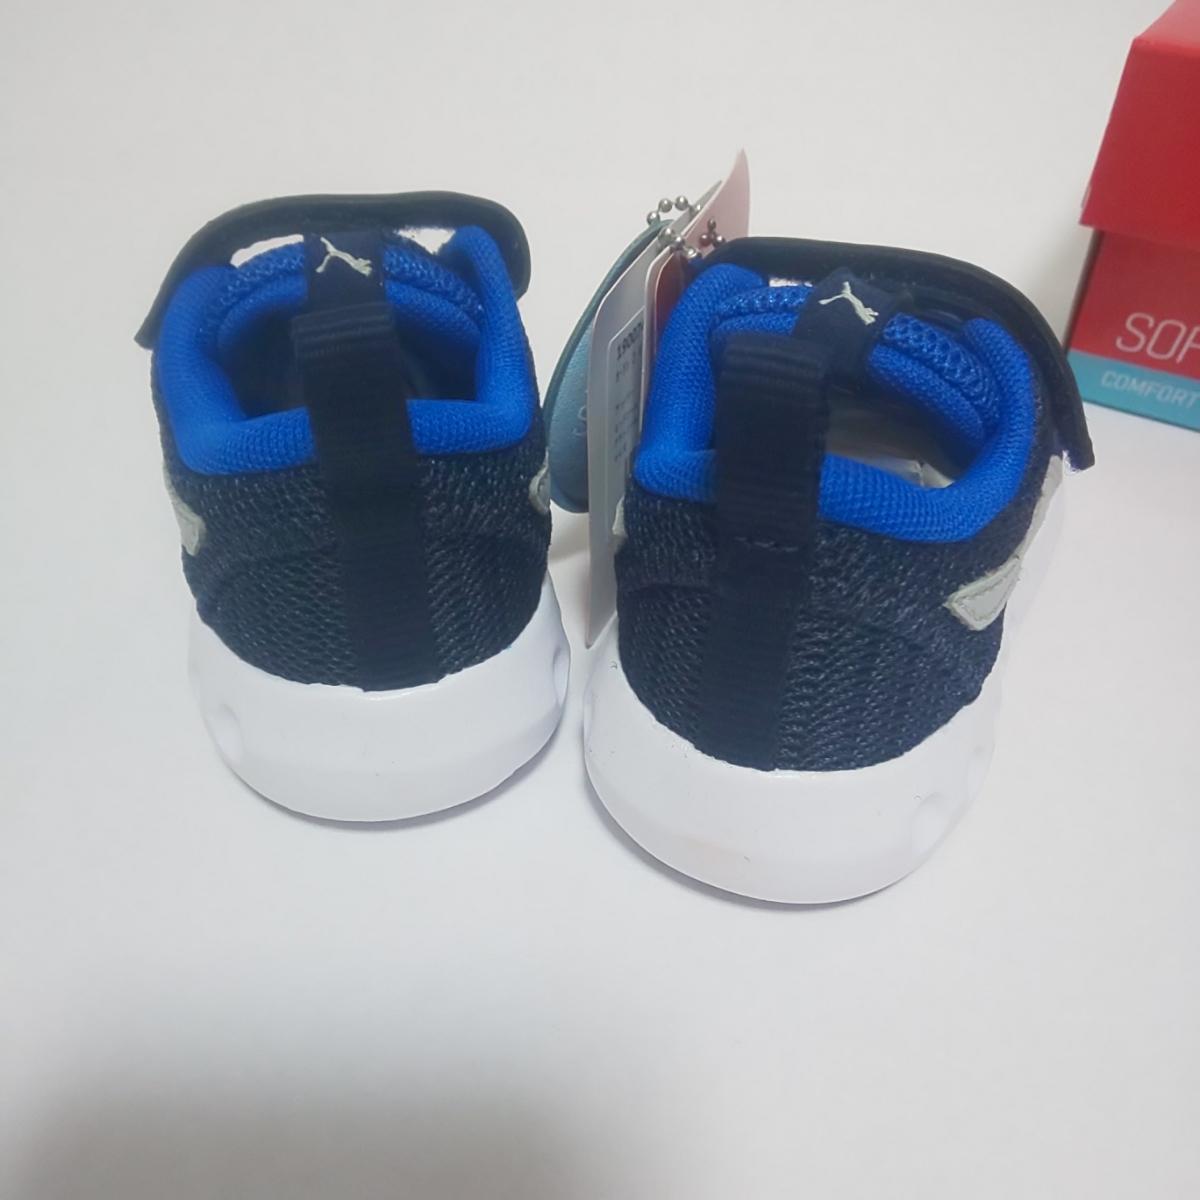 新品 PUMA スニーカー 14cm ブルー 男の子 キッズ プーマ 運動靴_画像4